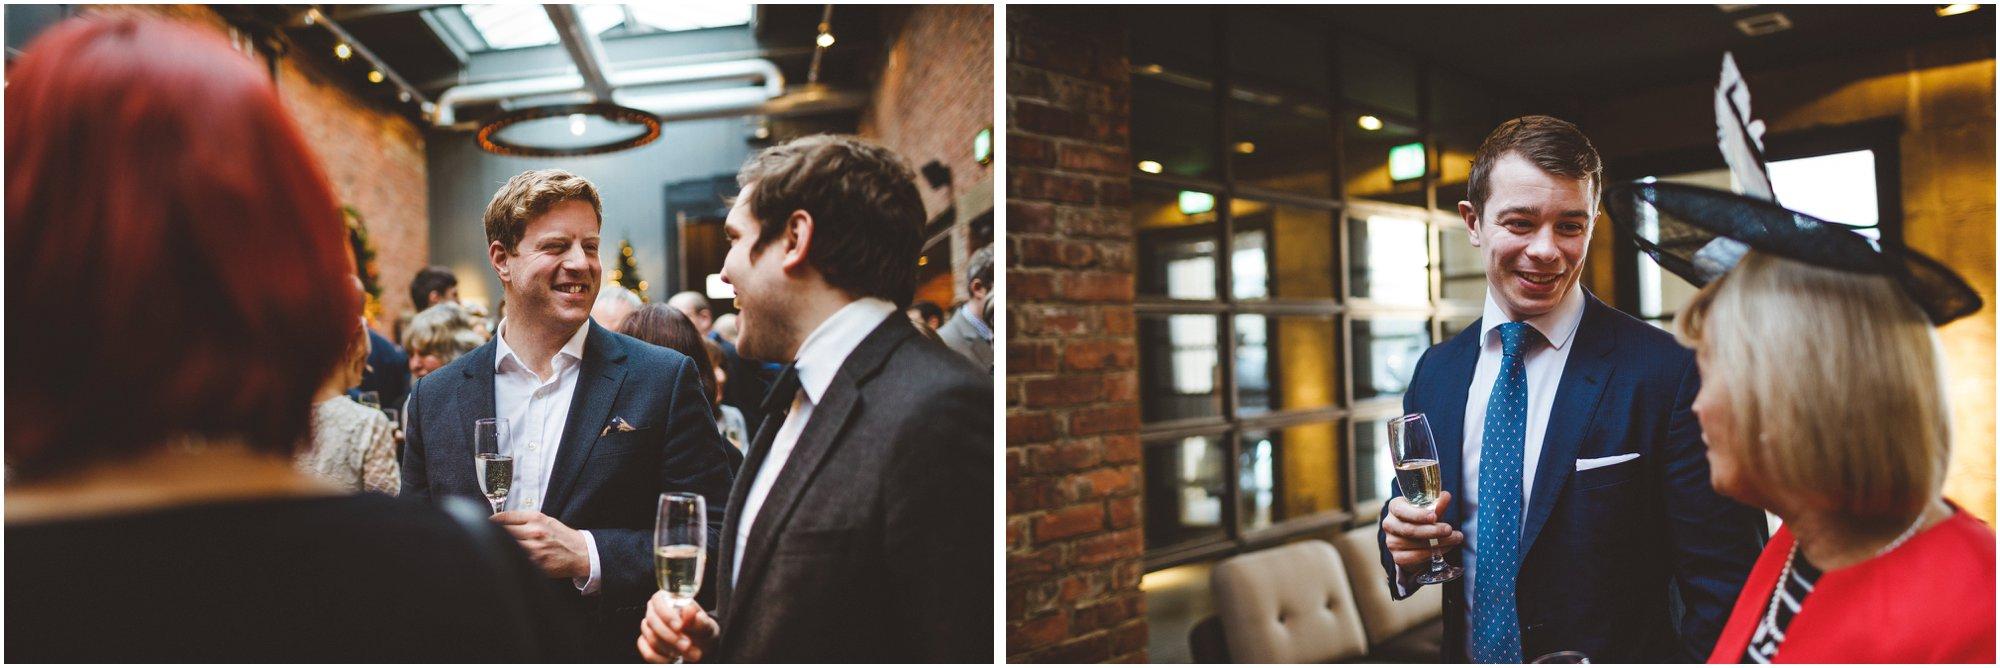 Wylam Brewery Wedding Newcastle_0071.jpg